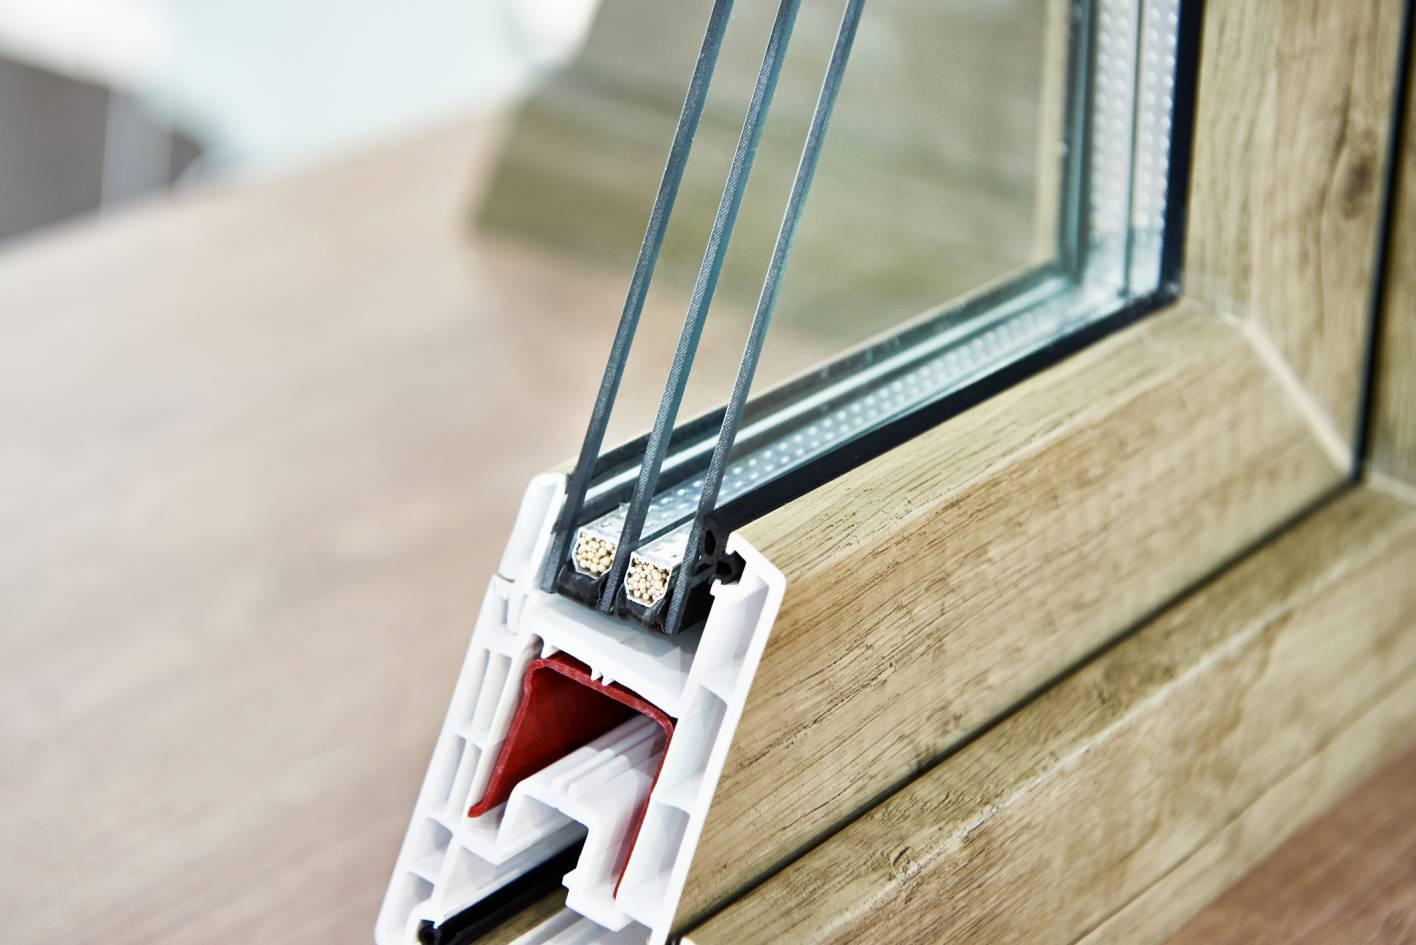 Détail sur le profilé d'une fenêtre triple vitrage